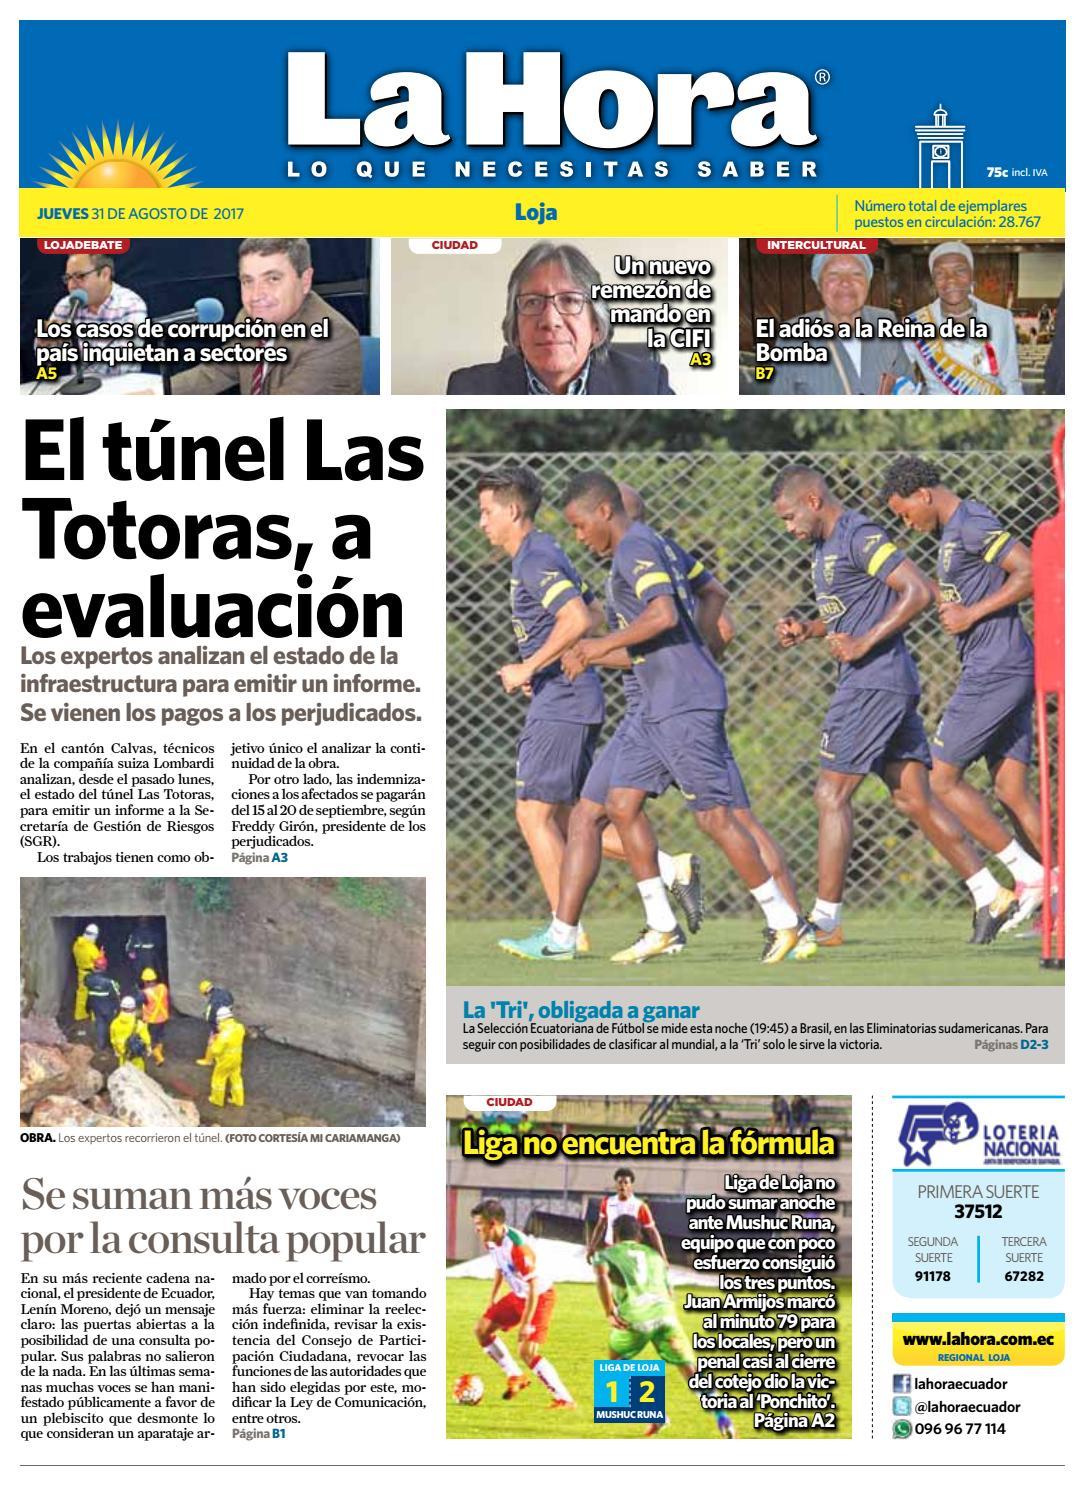 d5e88c983 Diario La Hora Loja 31 de Agosto 2017 by Diario La Hora Ecuador - issuu